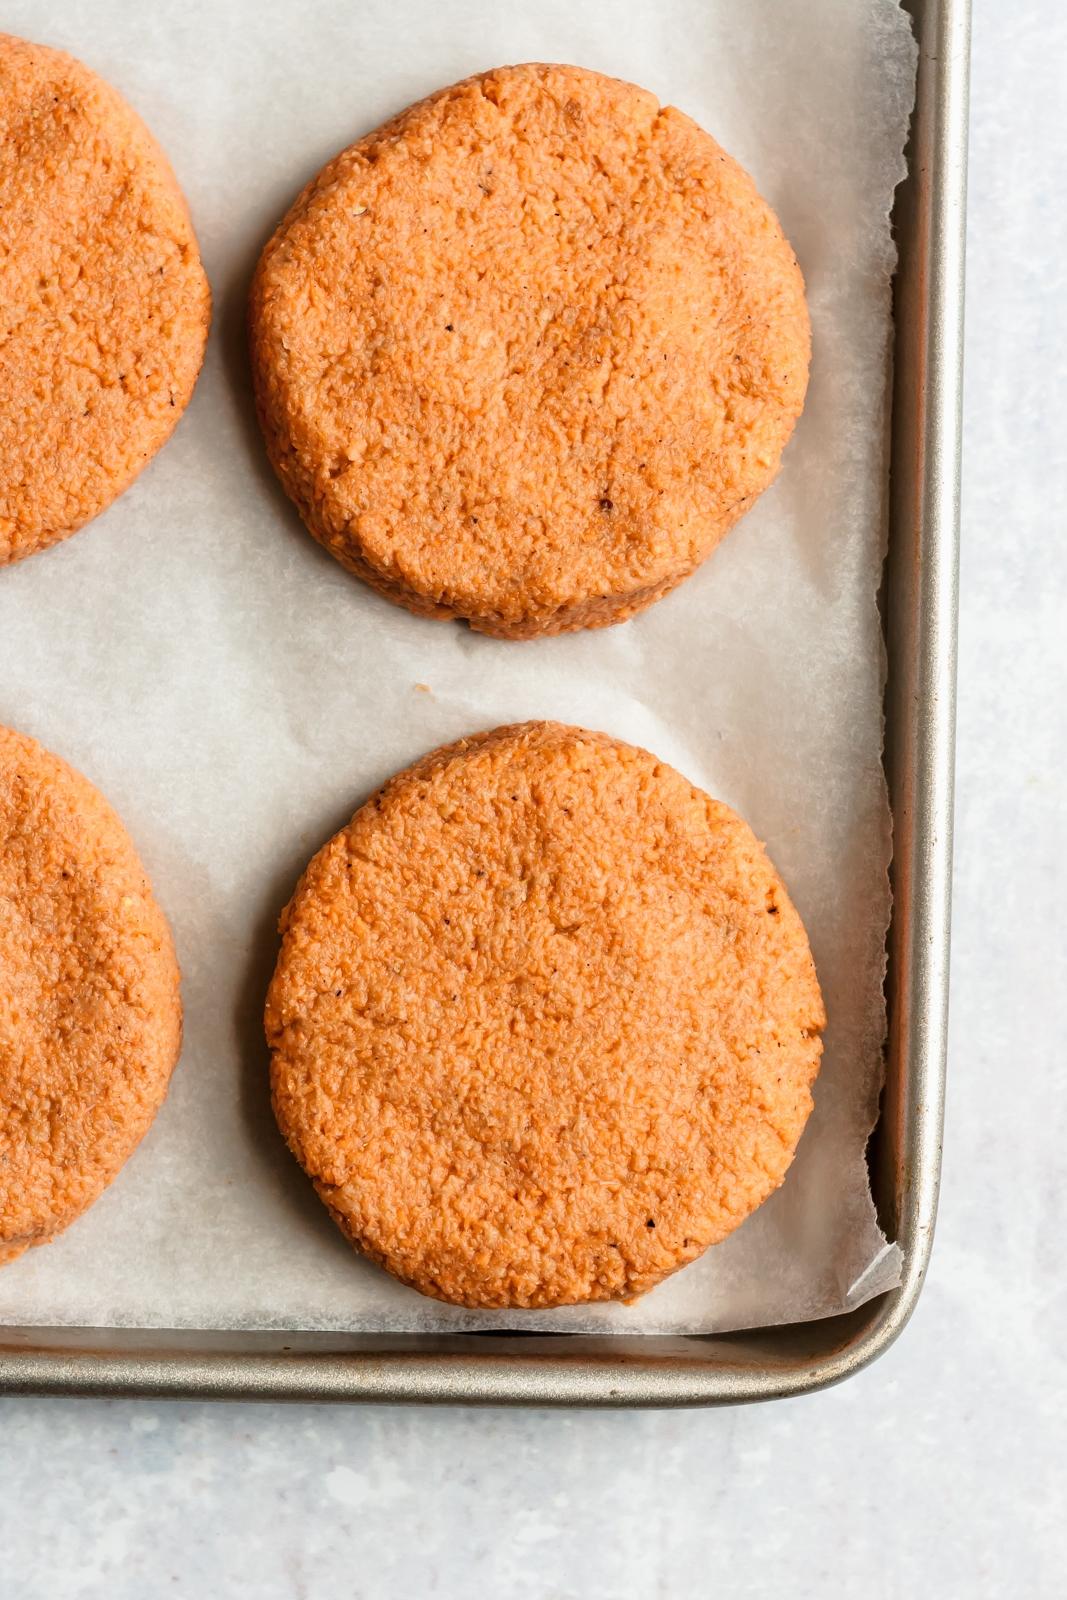 sweet potato salmon cakes on a baking sheet